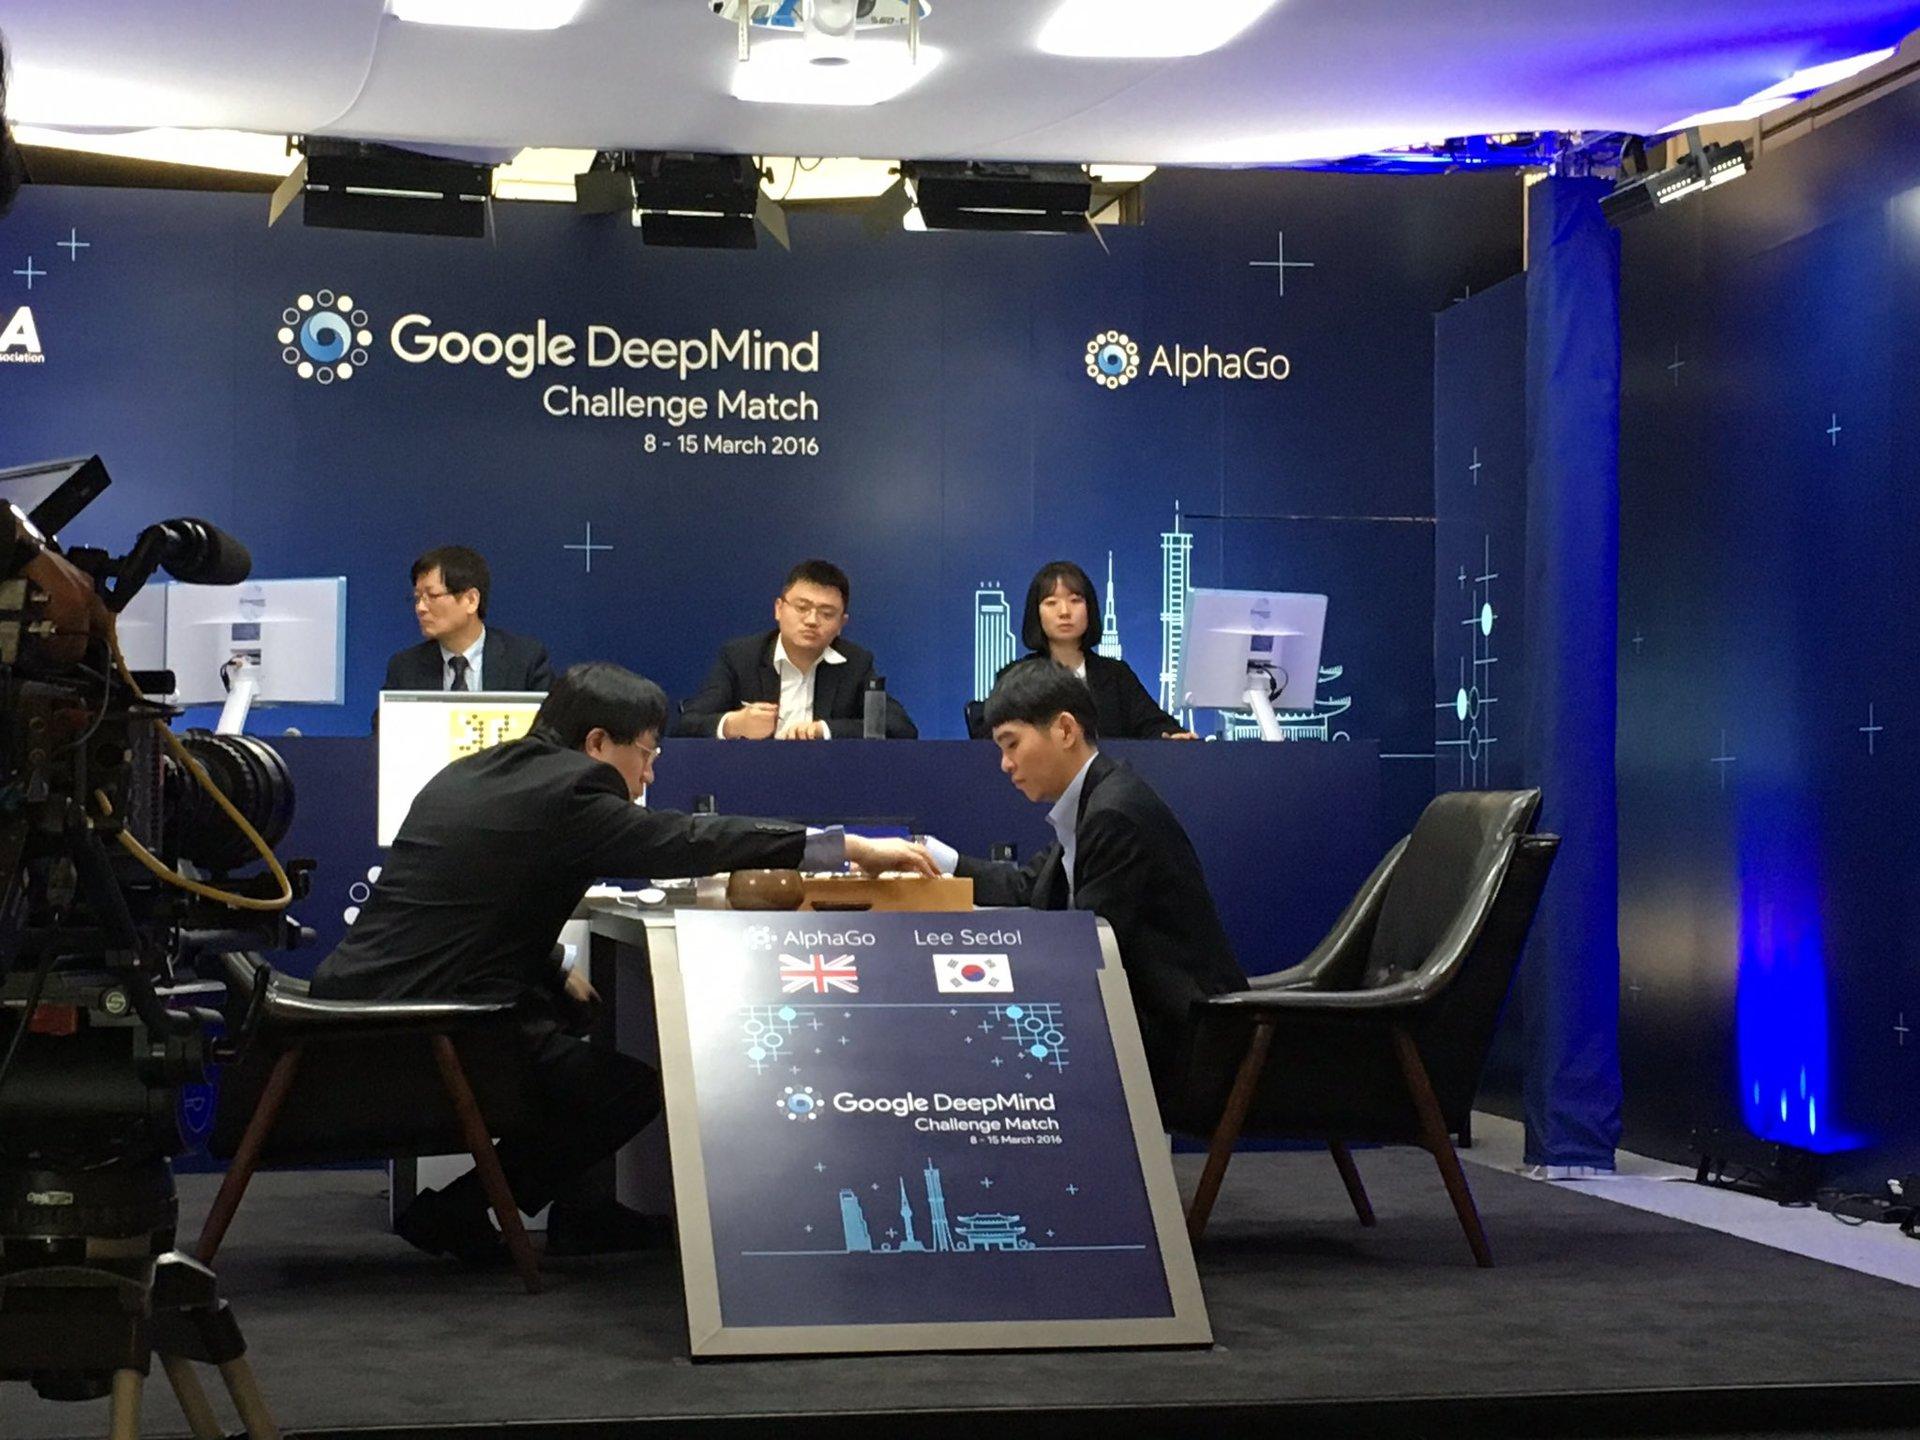 AlphaGo против Ли Седоля: итоги и оценки профессиональных игроков в го - 4